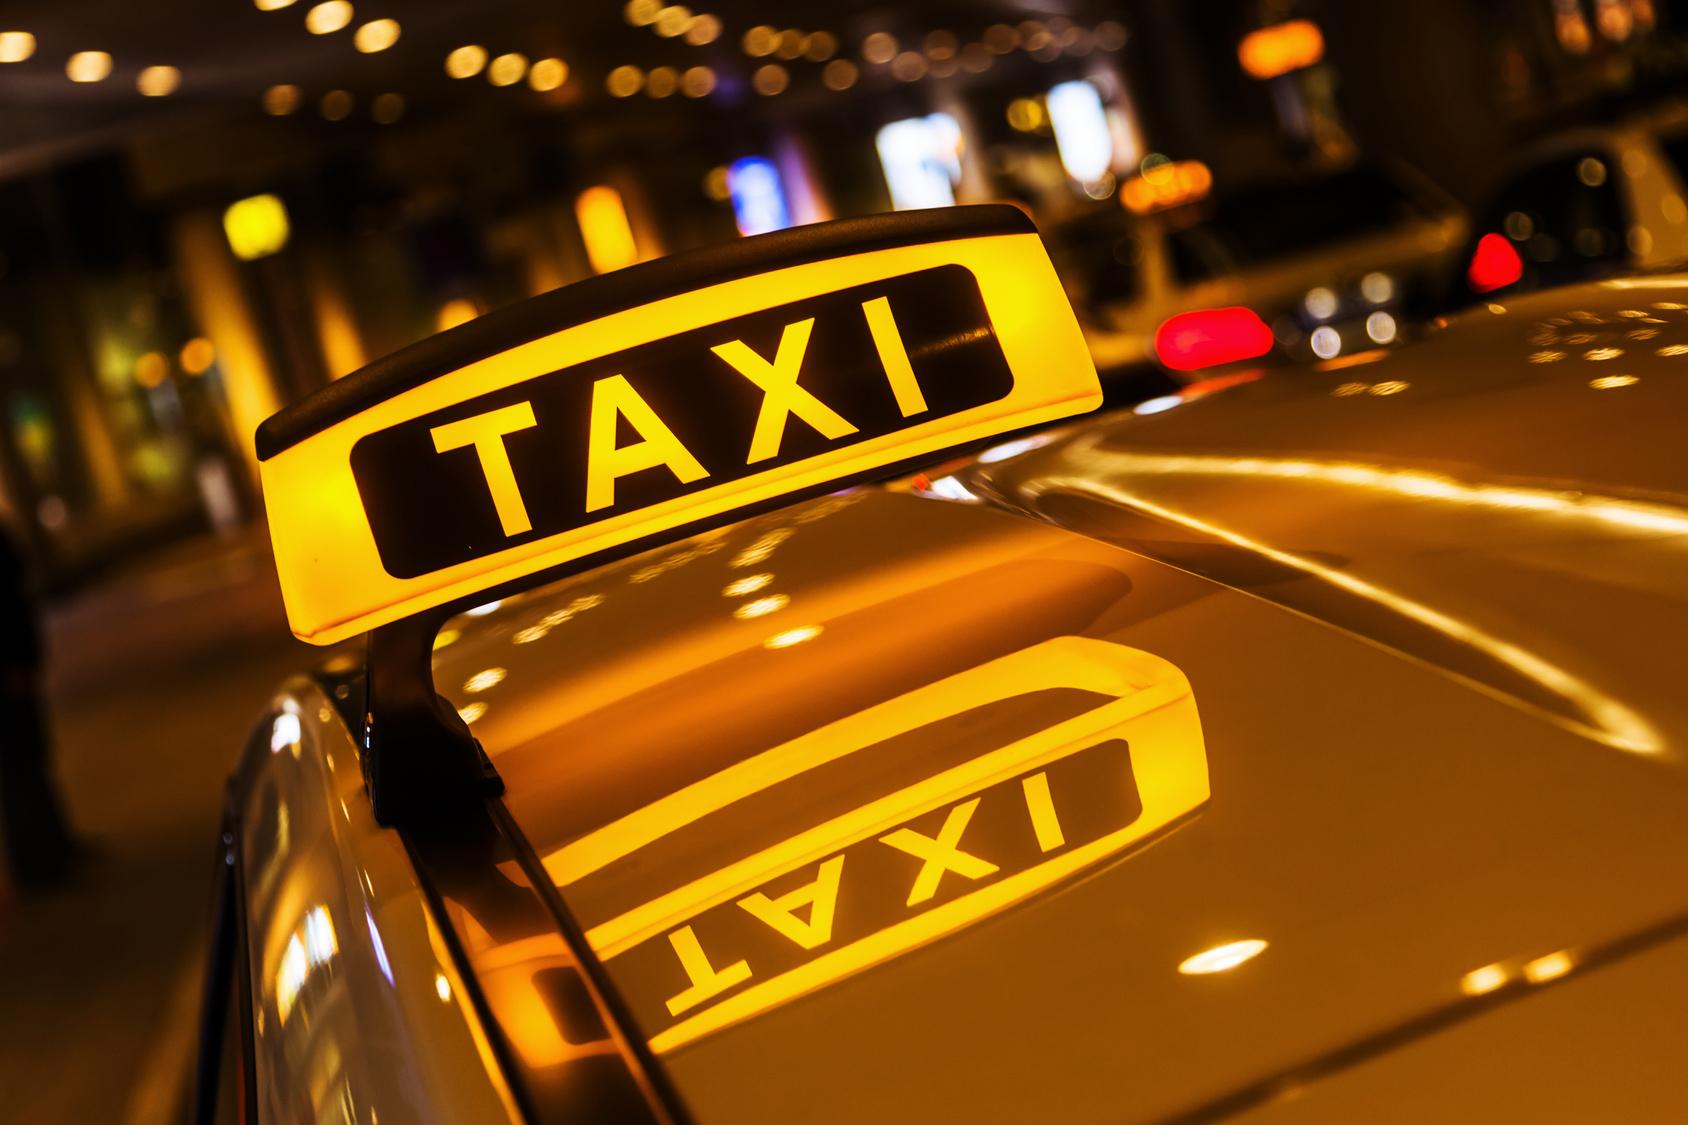 Как открыть службу такси в небольшом городе?